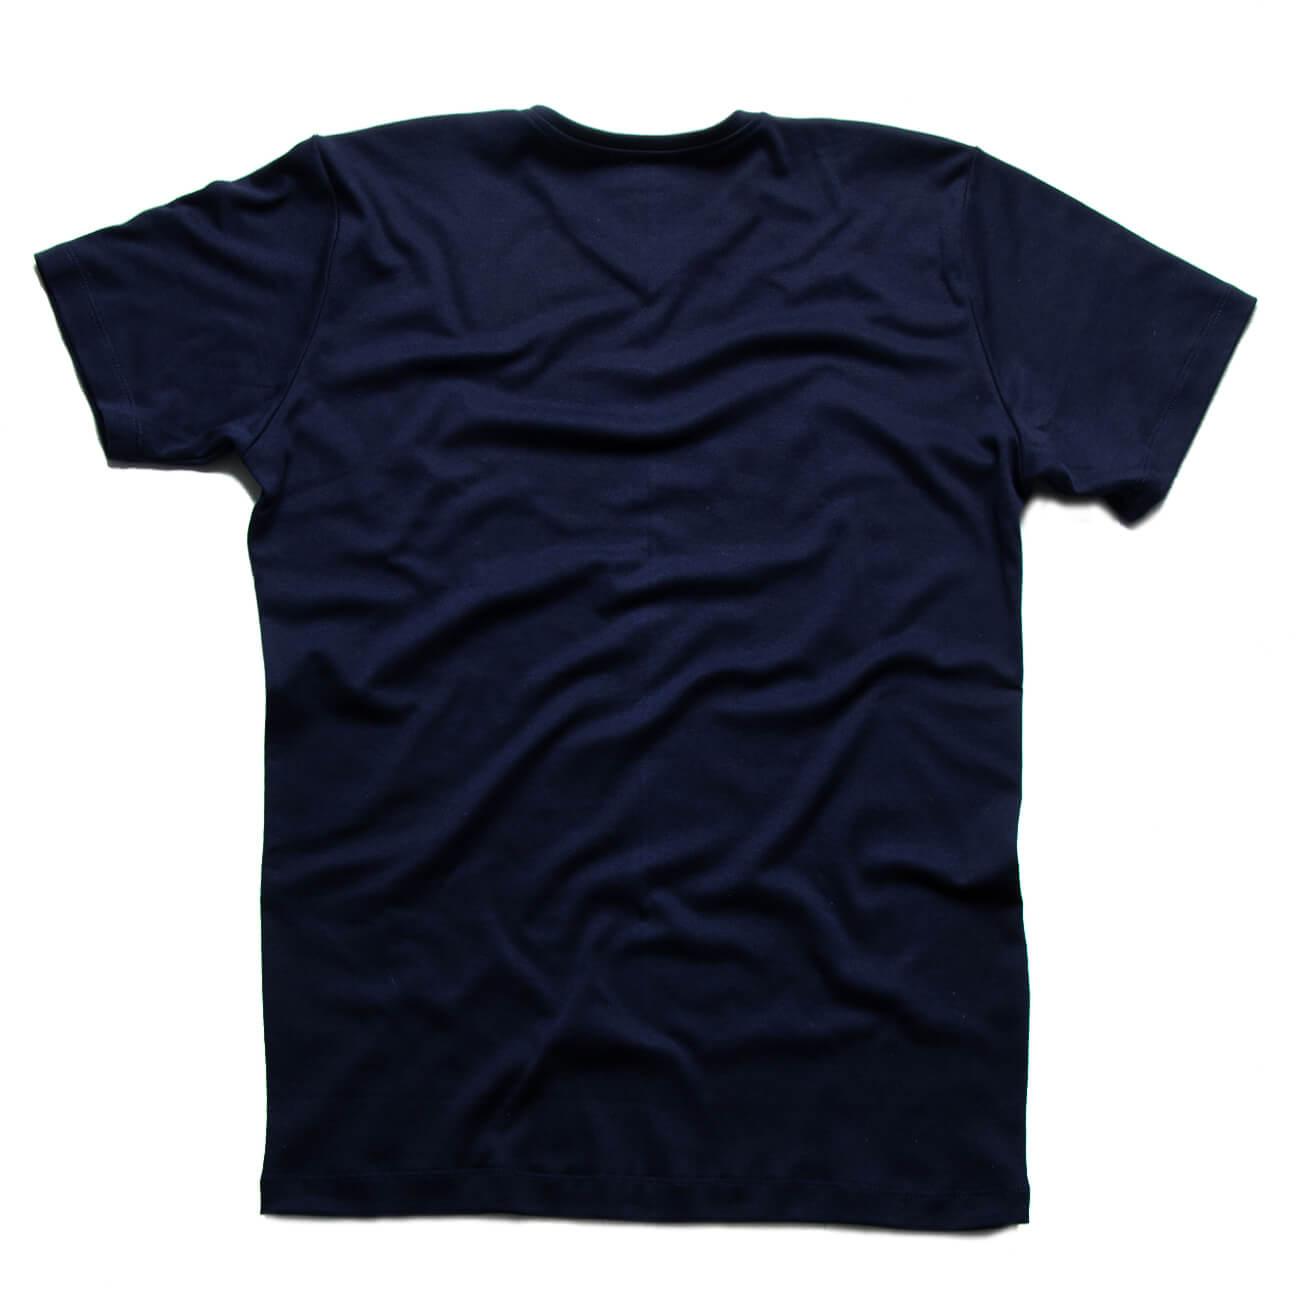 Verticales - Franela azul oscuro esencial cuello en V espalda